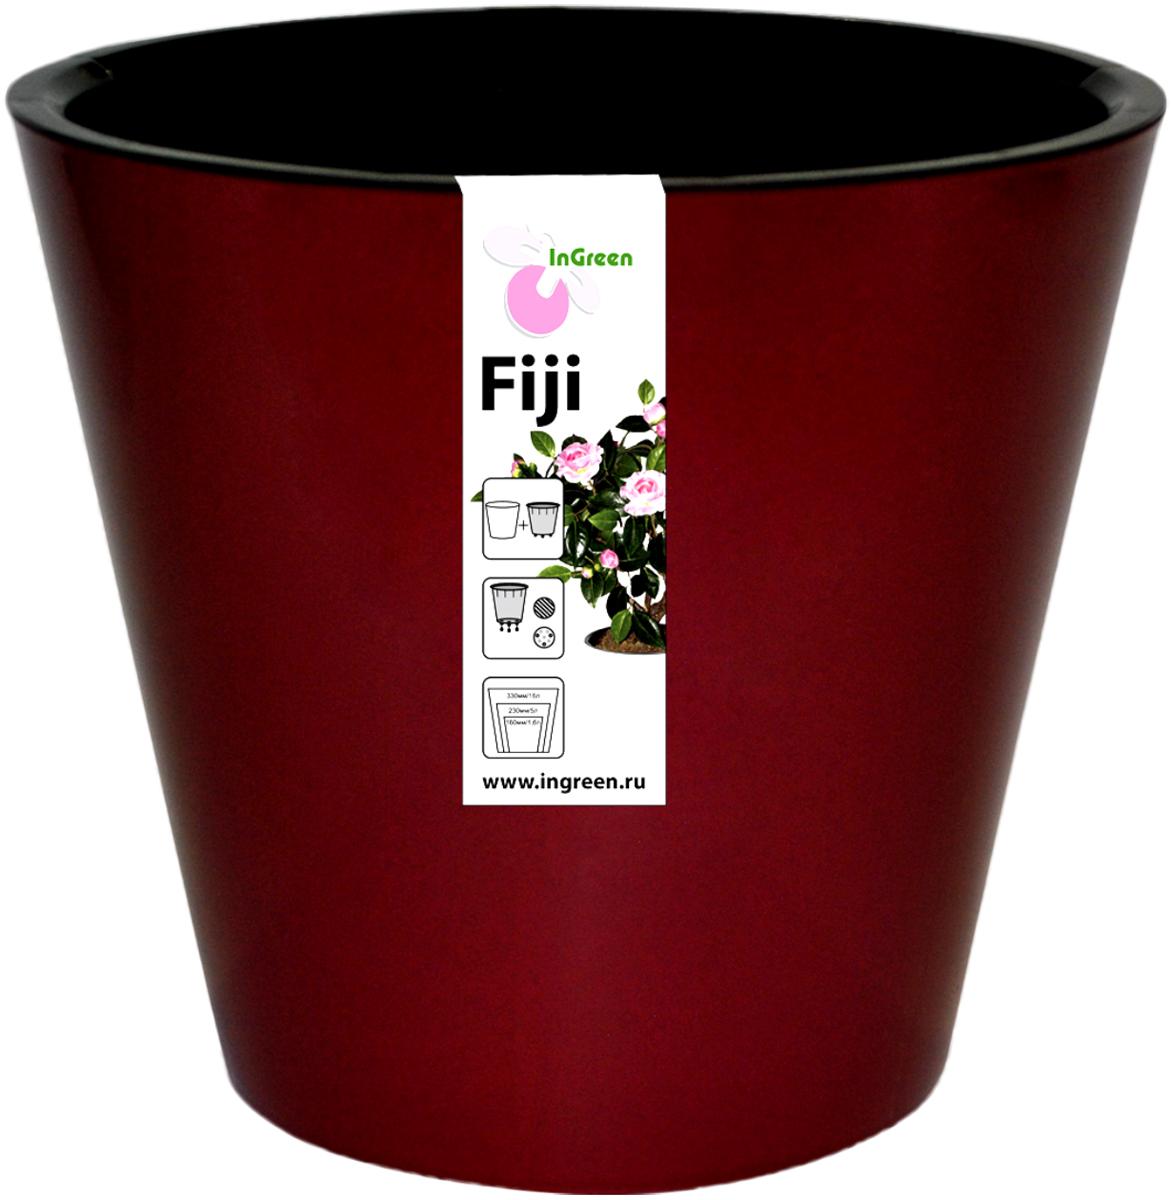 Горшок для цветов InGreen Фиджи, с ситемой атополива, цвет: бордовый, диаметр 16 смING1553БРГоршок InGreen Фиджи, выполненный из высококачественного пластика, предназначен для выращивания комнатных цветов, растений и трав. Специальная конструкция обеспечивает вентиляцию в корневой системе растения, а дренажные отверстия позволяют выходить лишней влаге из почвы. Изделие состоит из цветного кашпо и внутреннего горшка. Растение высаживается во внутренний горшок и вставляется в кашпо. Инновационная система автополива обладает рядом преимуществ: экономит время при уходе за растением, вода не протекает при поливе и нет необходимости в подставке, корни не застаиваются в воде.Такой горшок порадует вас современным дизайном и функциональностью, а также оригинально украсит интерьер любого помещения. Объем: 1,6 л. Диаметр (по верхнему краю): 16 см.Высота: 14,5 см.